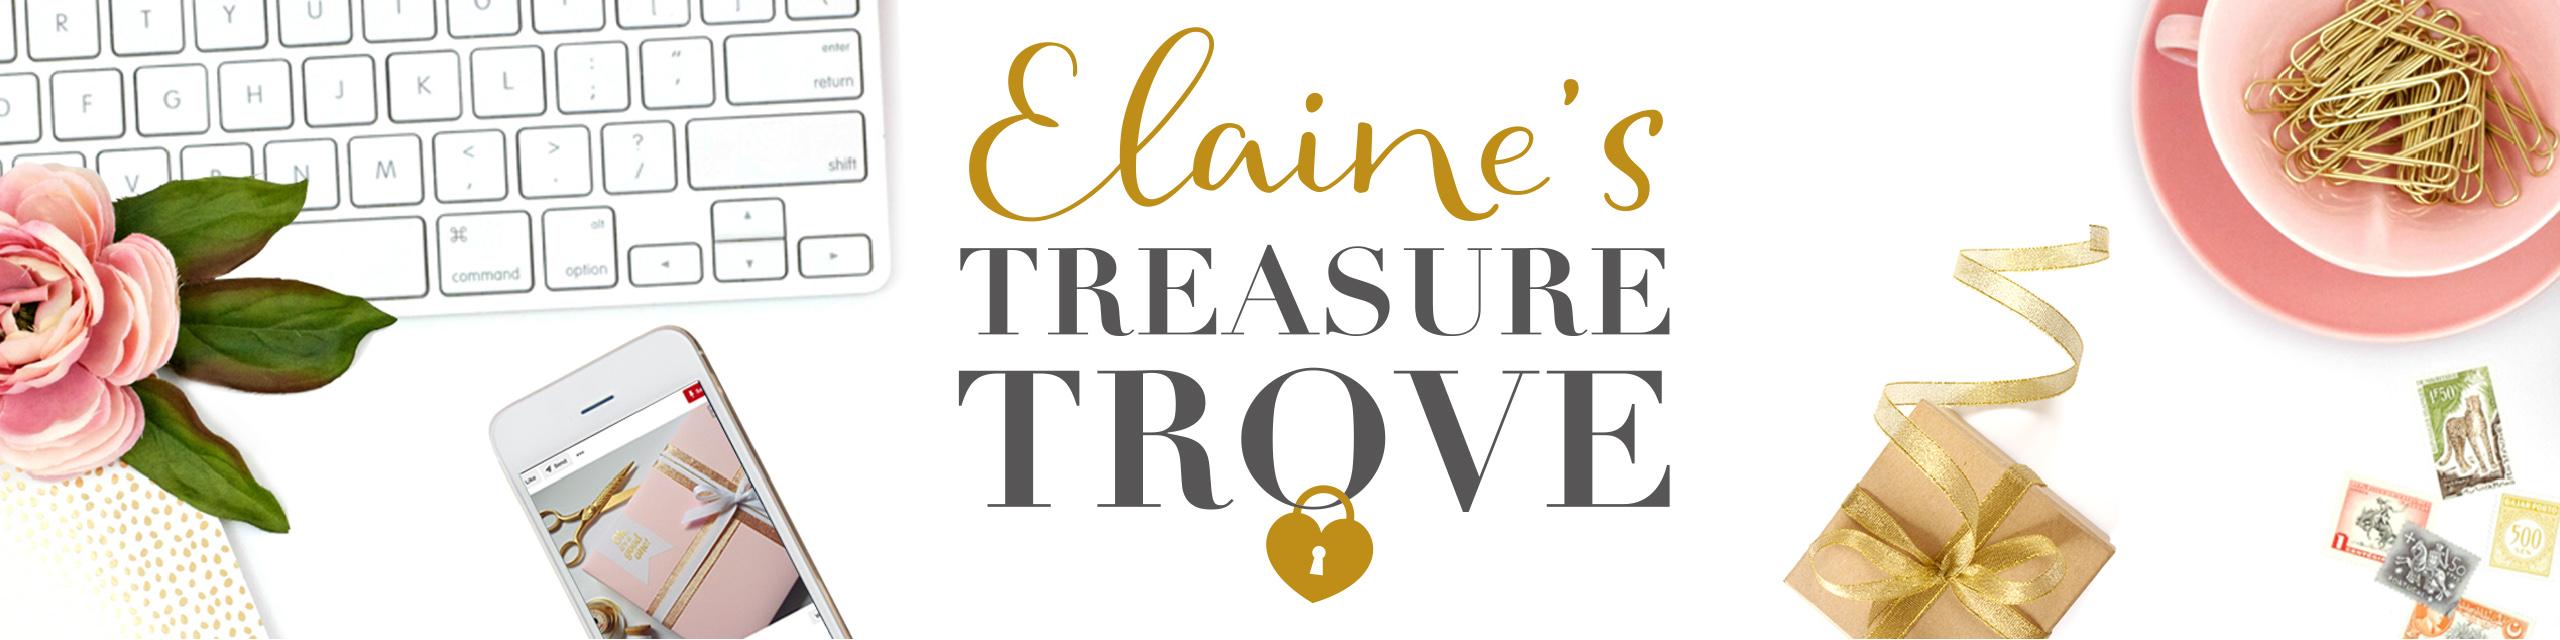 elaines-treasure-trove-blog